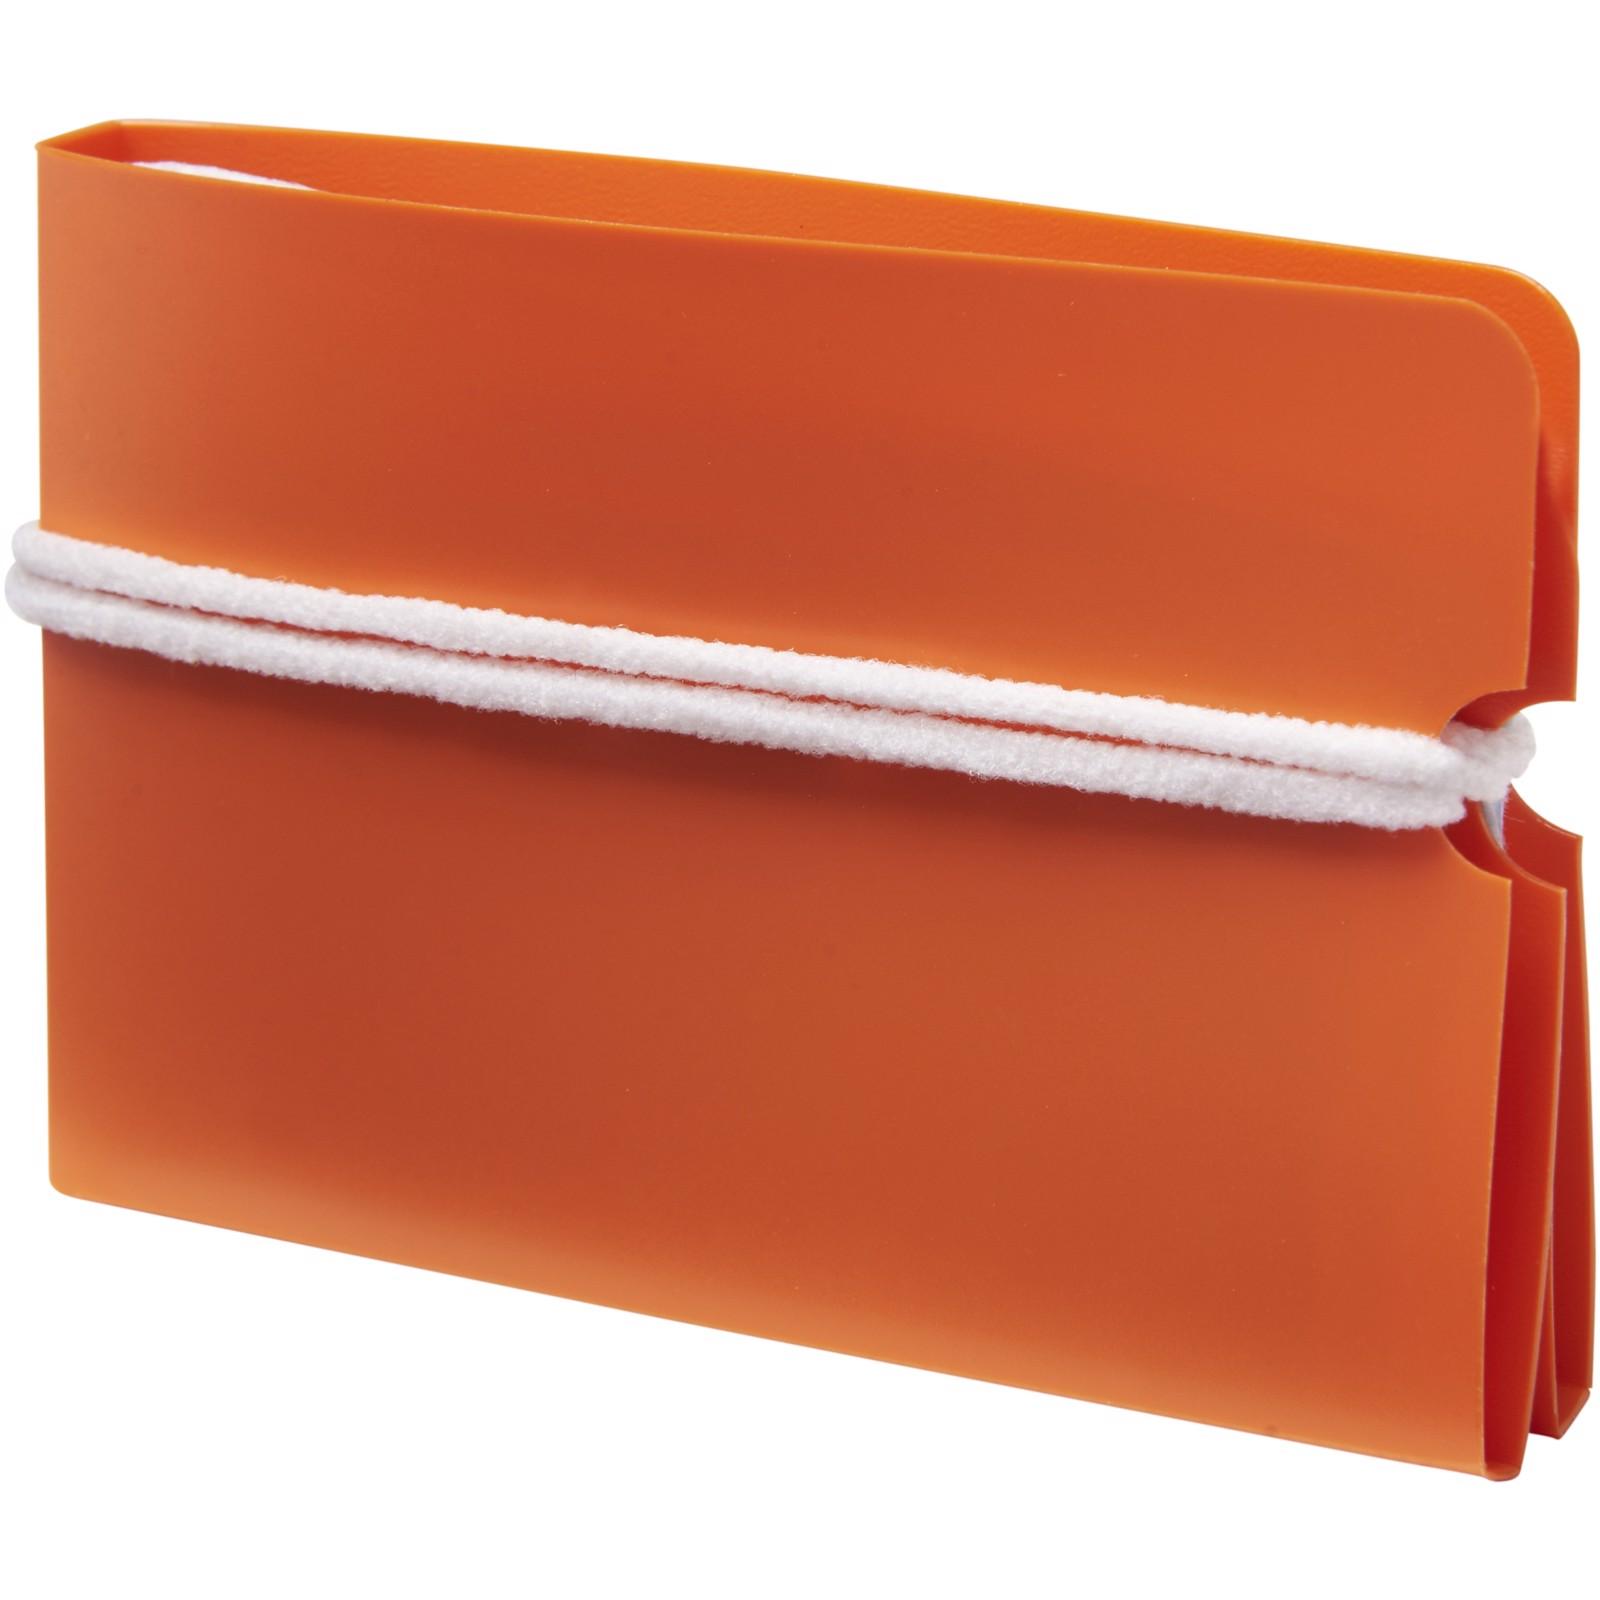 Madden fold-up face mask wallet - Orange